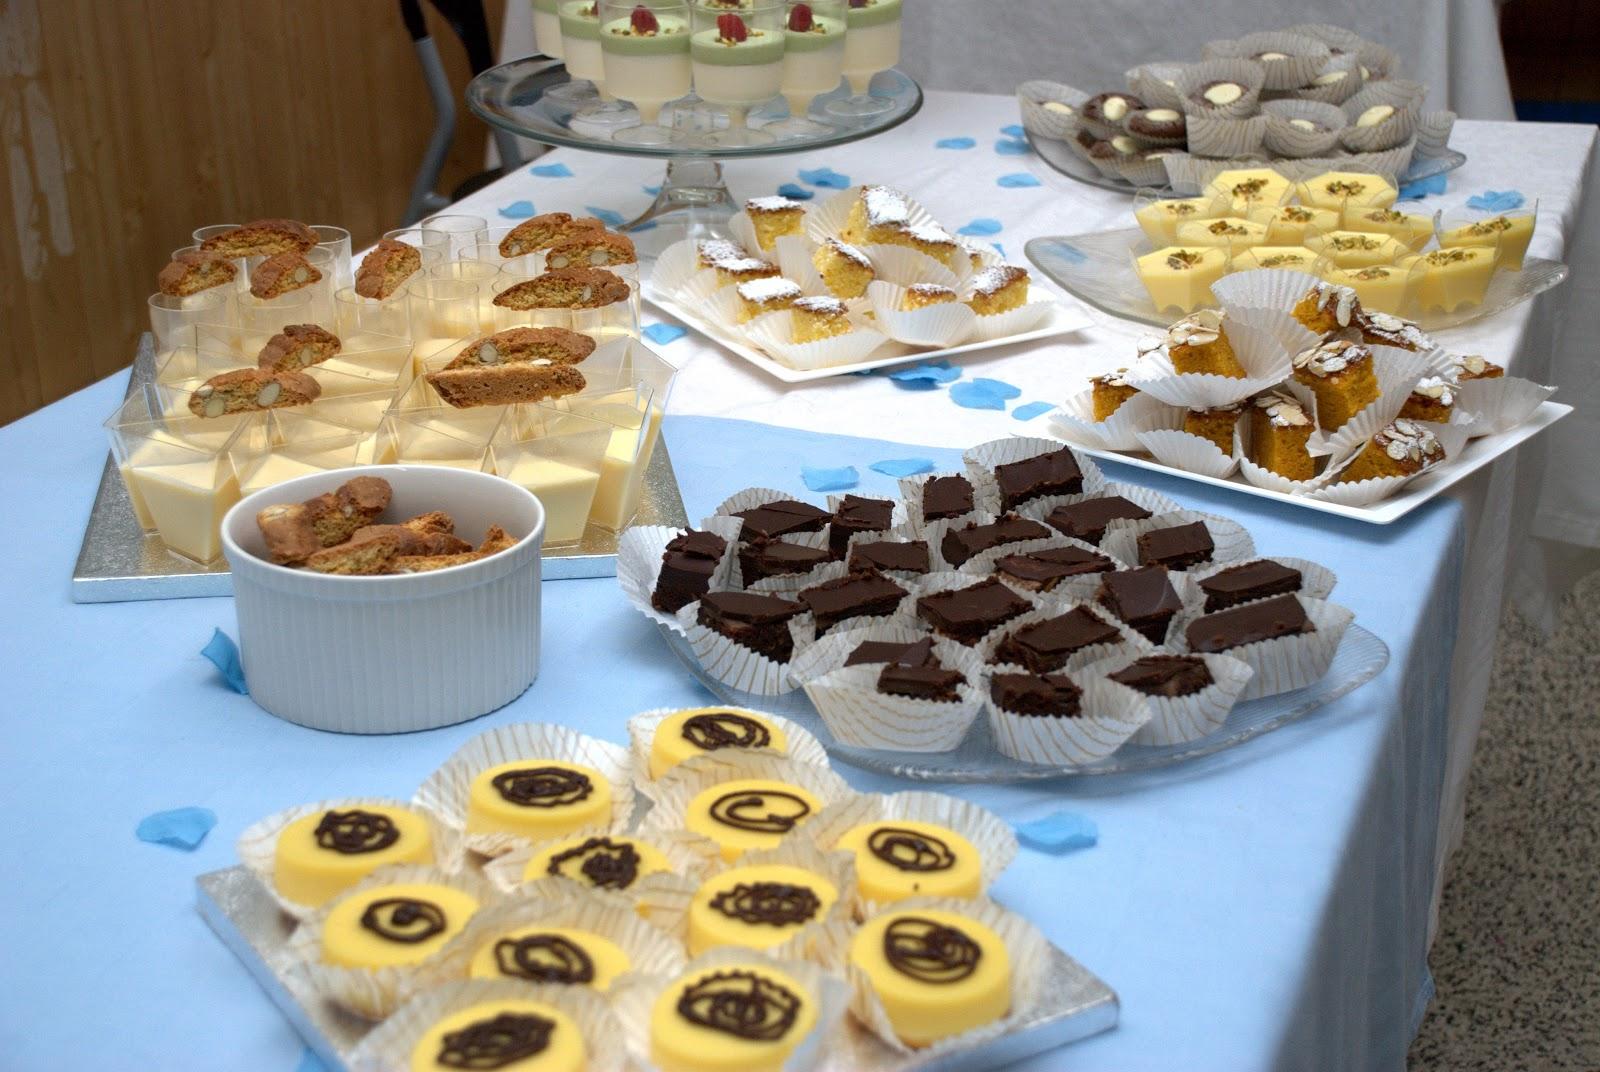 Buffet Di Dolci Battesimo : Buffet di soli dolci per battesimo ricette